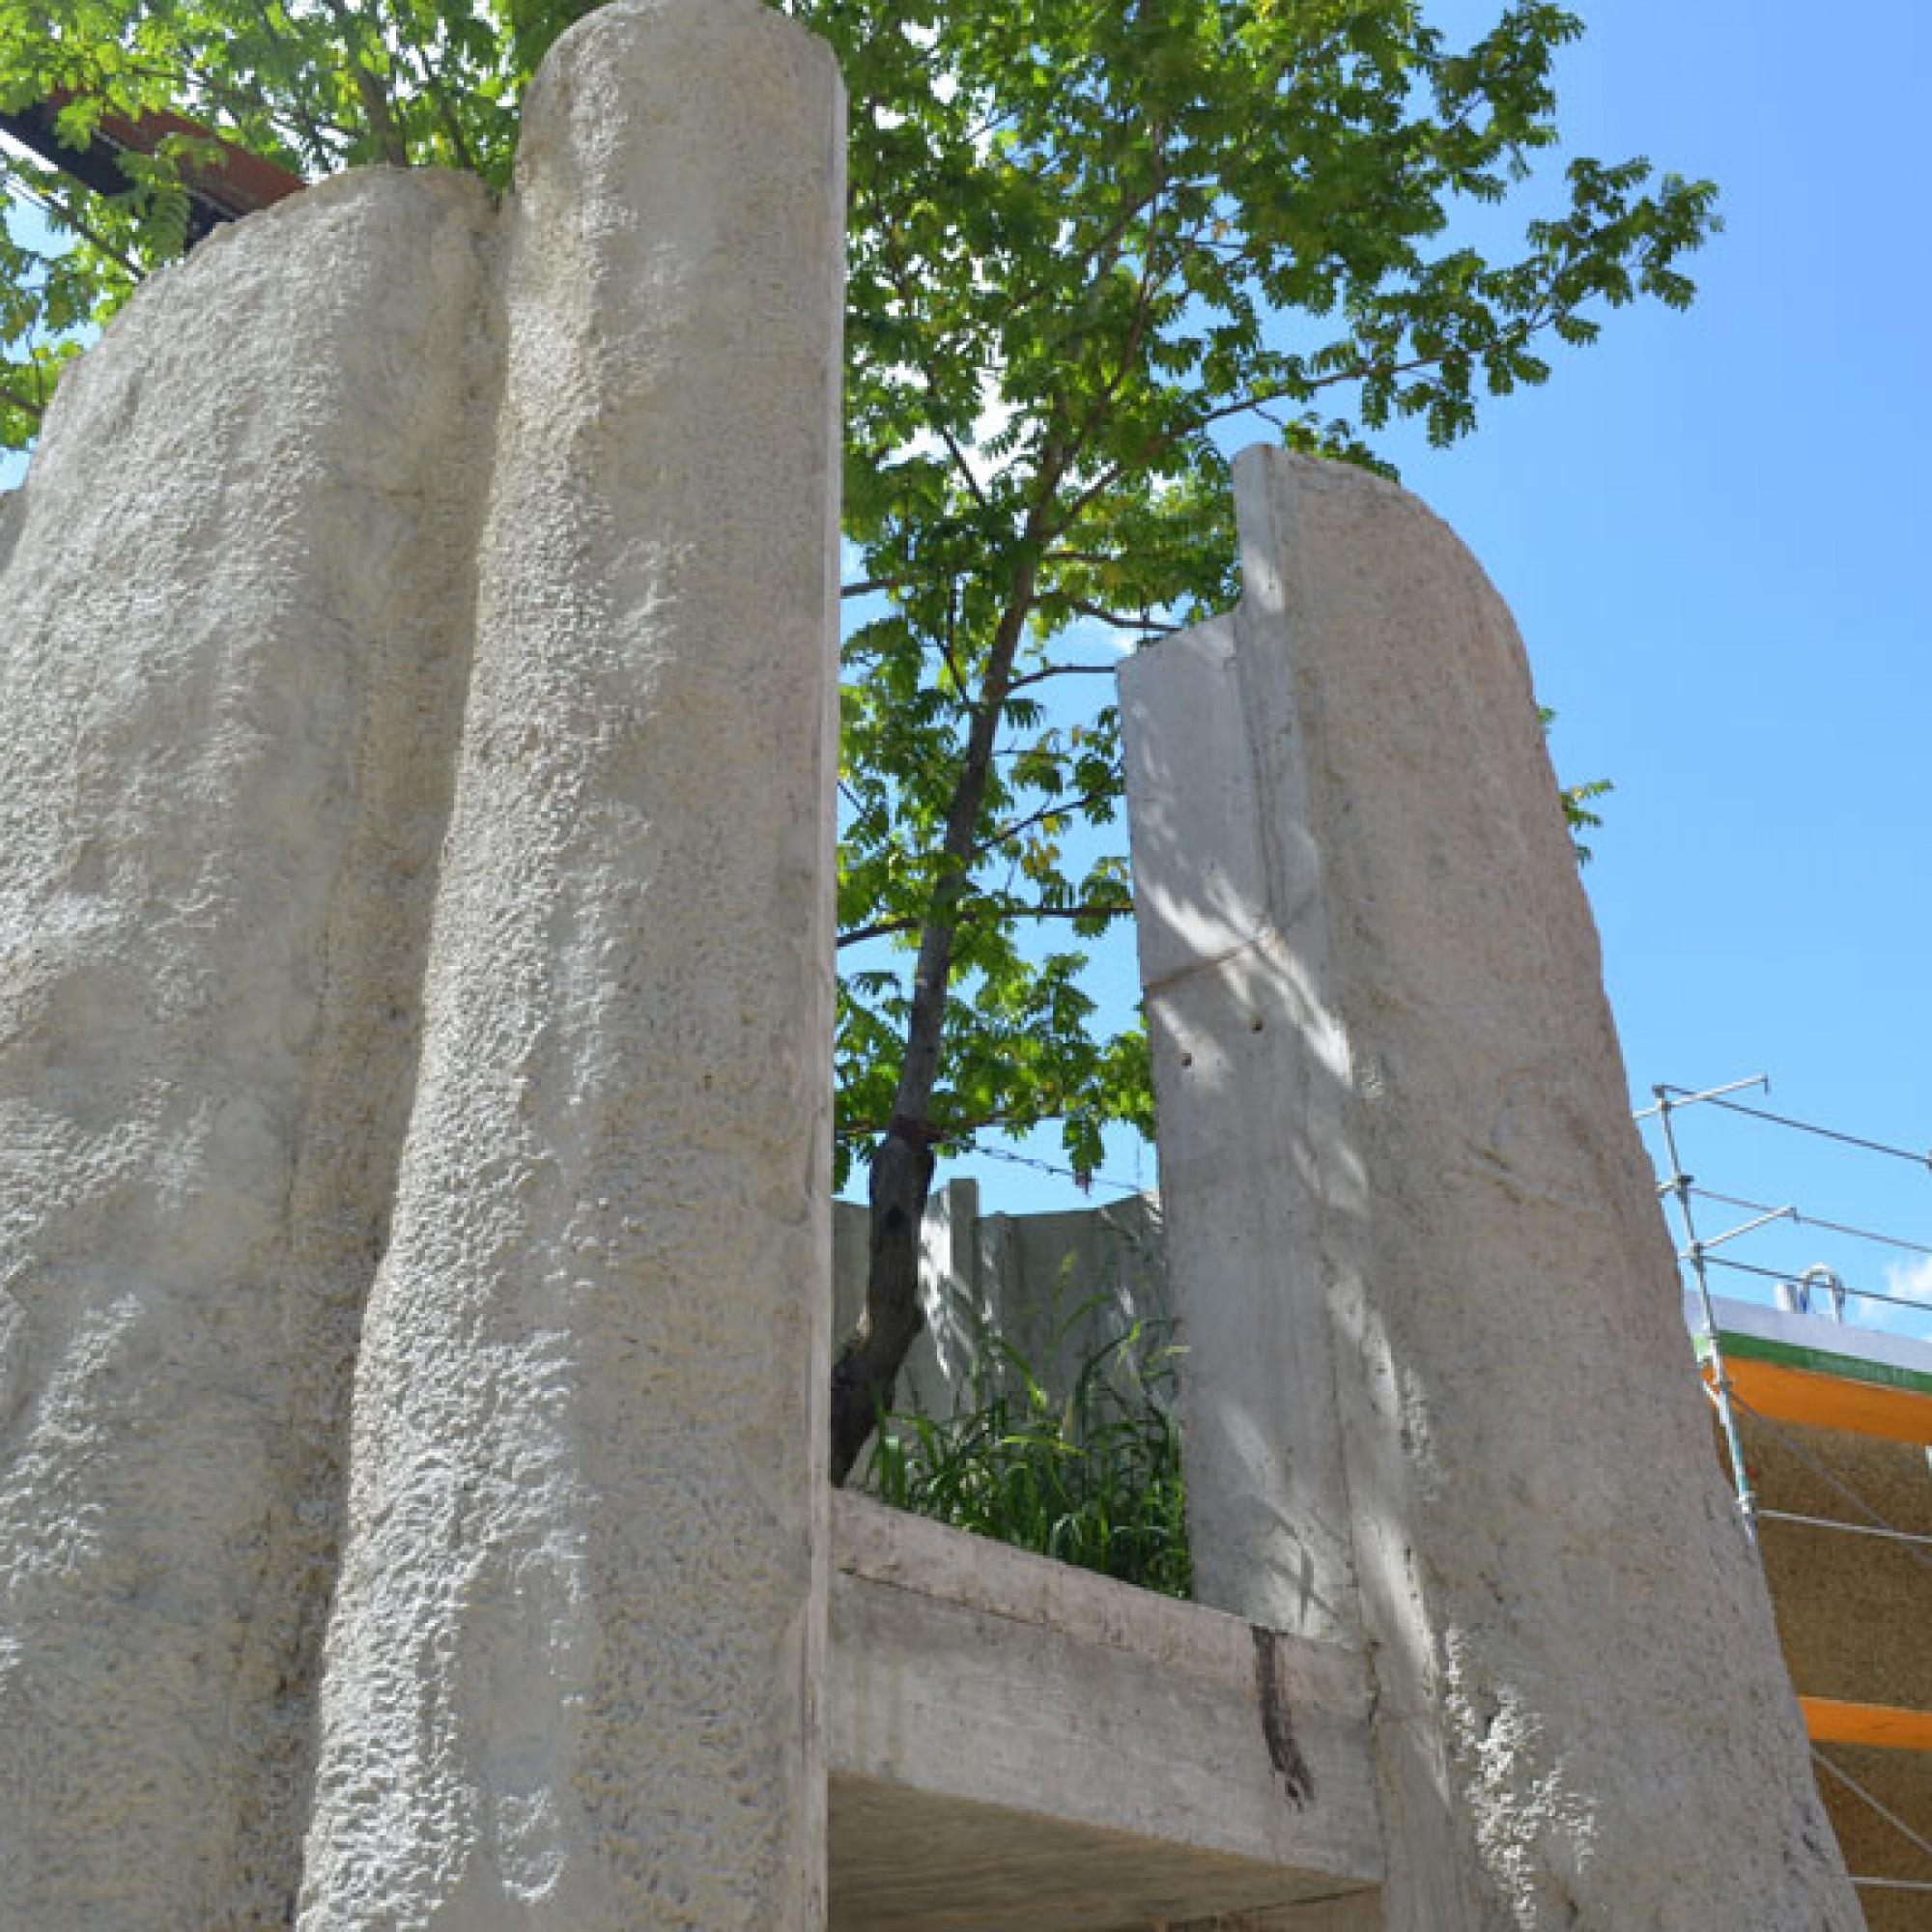 Künstlicher Affenbrotbaum in der Aussenanlage für den Elefantenbullen (stg)